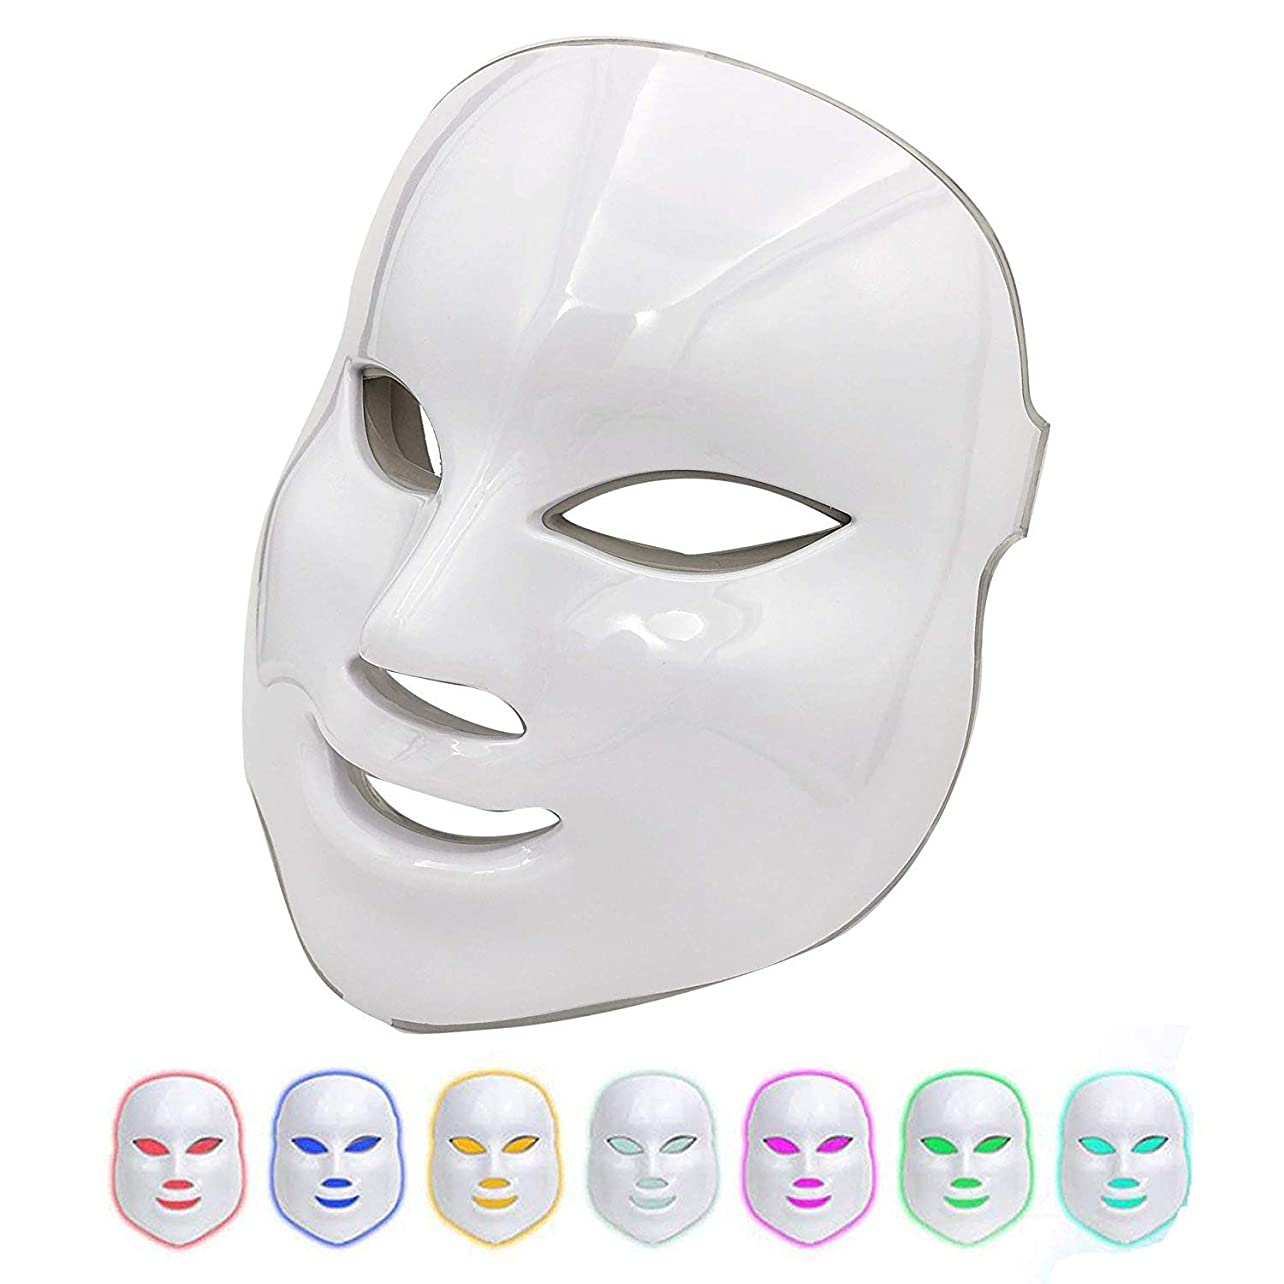 モーター酸化物月曜日美容マスク7色ledライト光子療法にきび跡除去アンチエイジング肌の若返りフェイシャルケアフェイシャルトーンデバイス